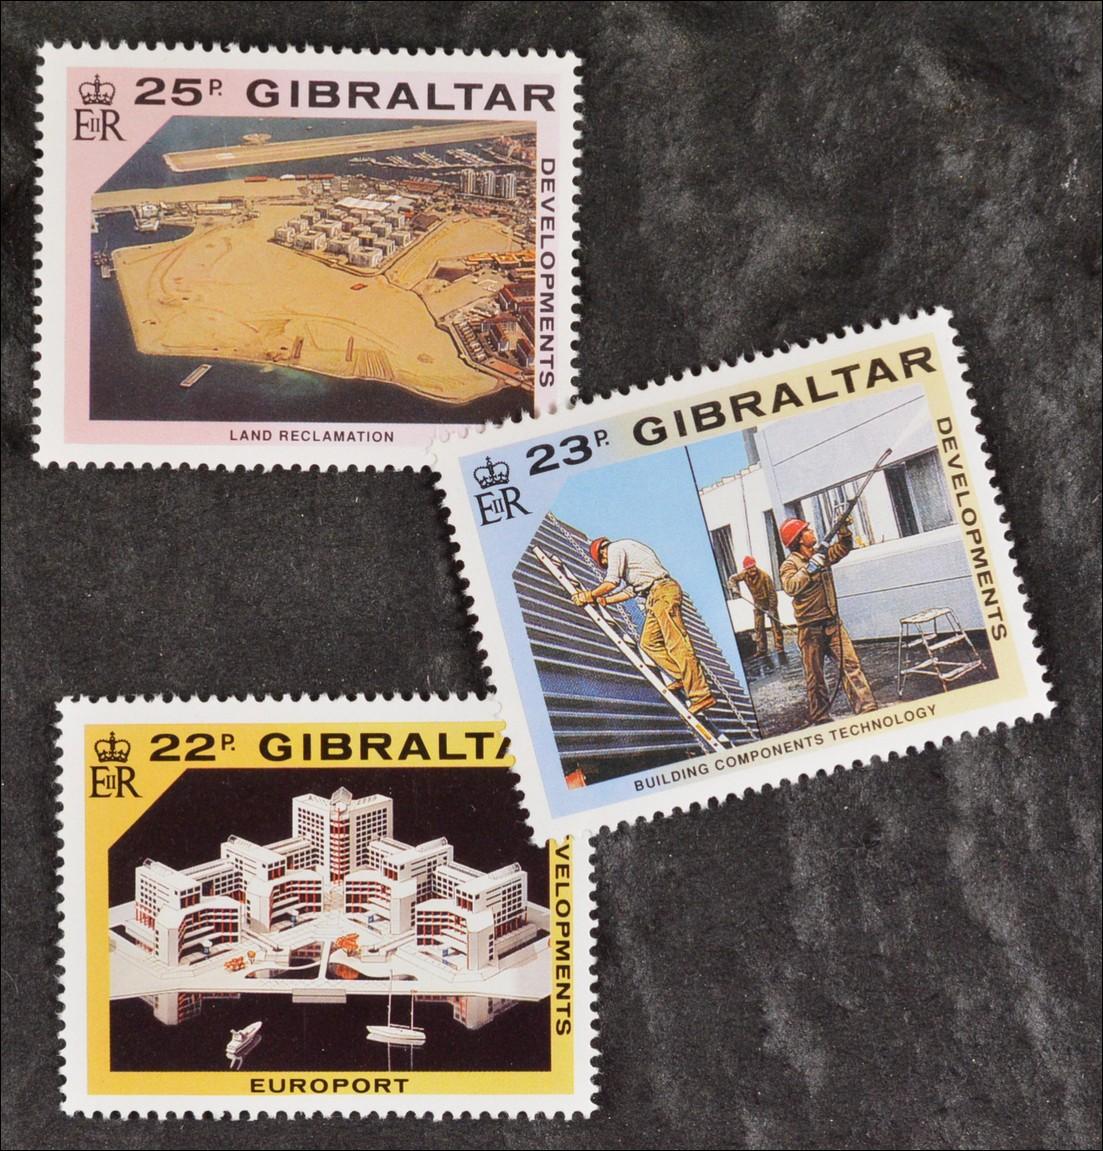 Europa 200584 Gibraltar 1965 Nr 169-170 Postfrisch